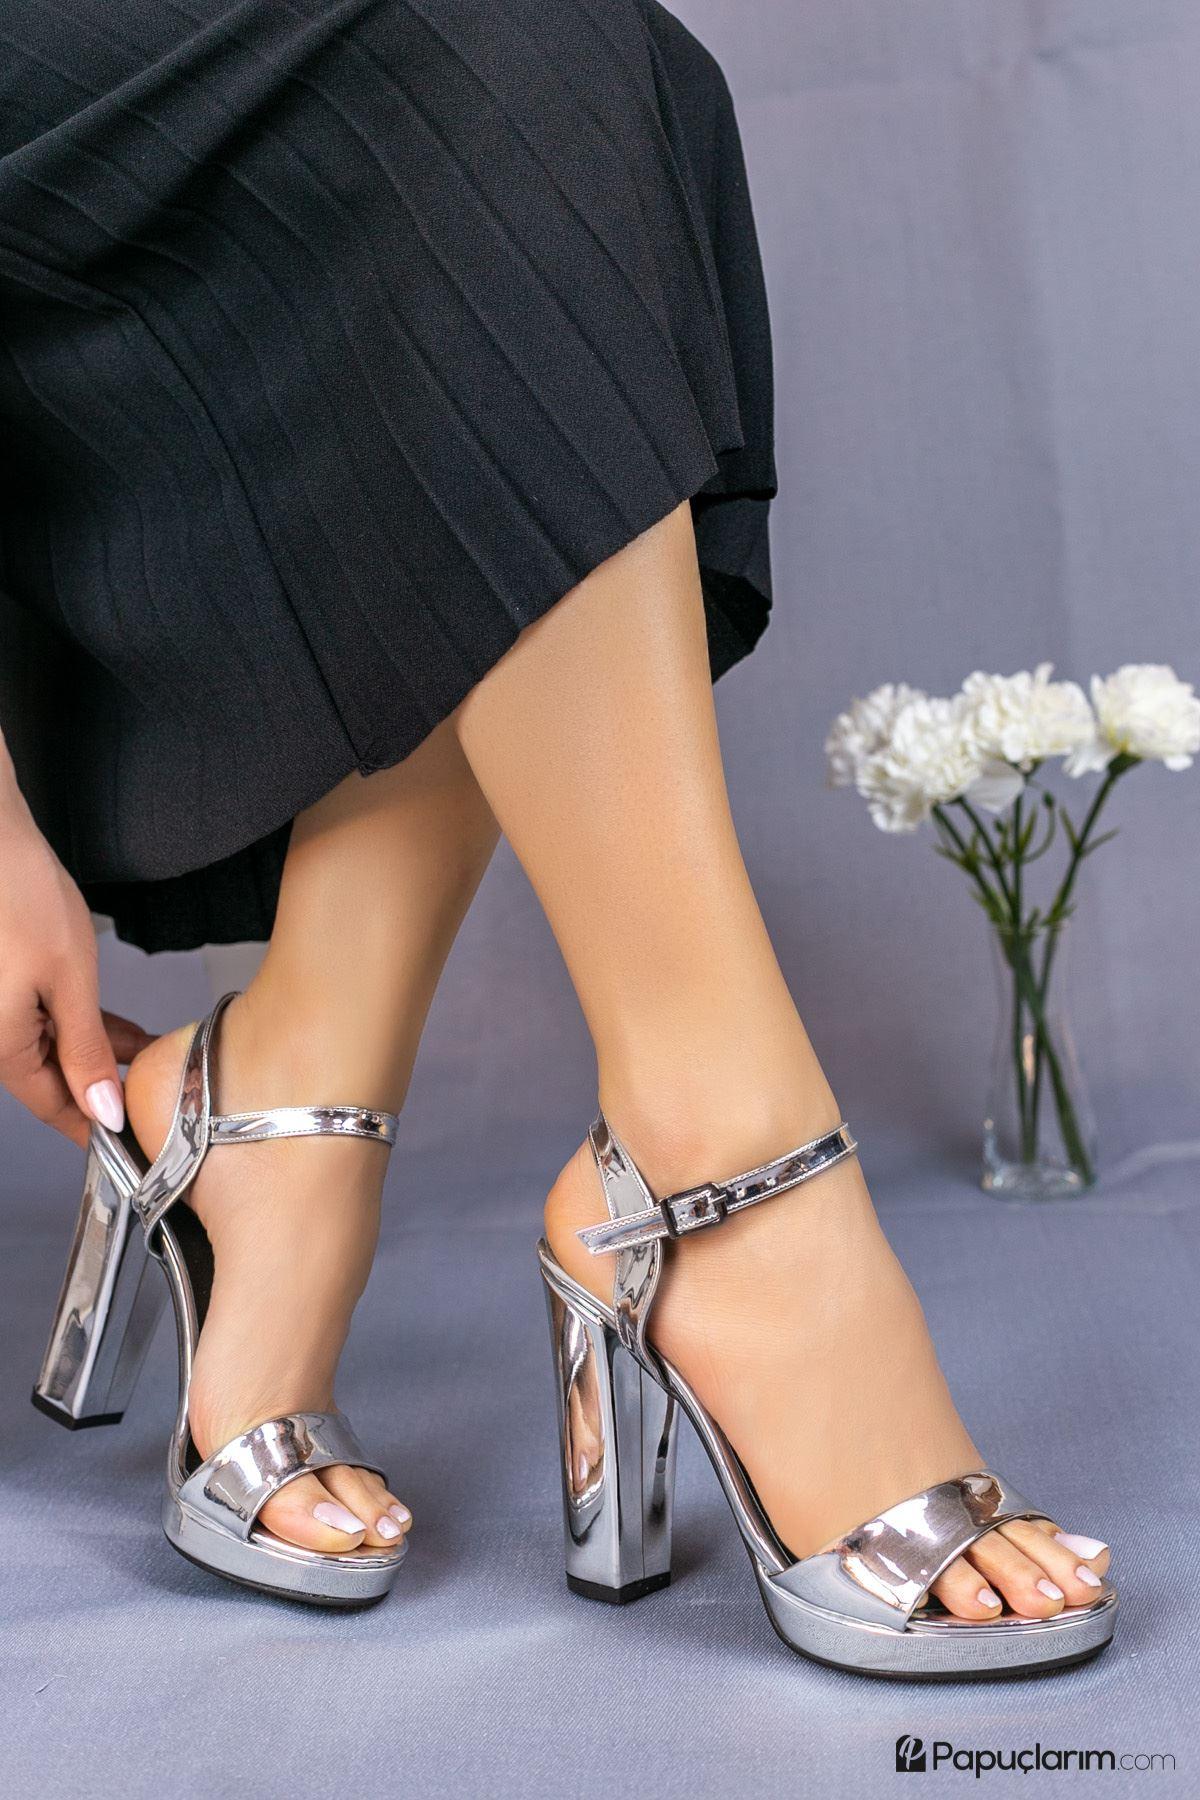 Alicia Gümüş Yüksek Platform Kadın Topuklu Ayakkabı